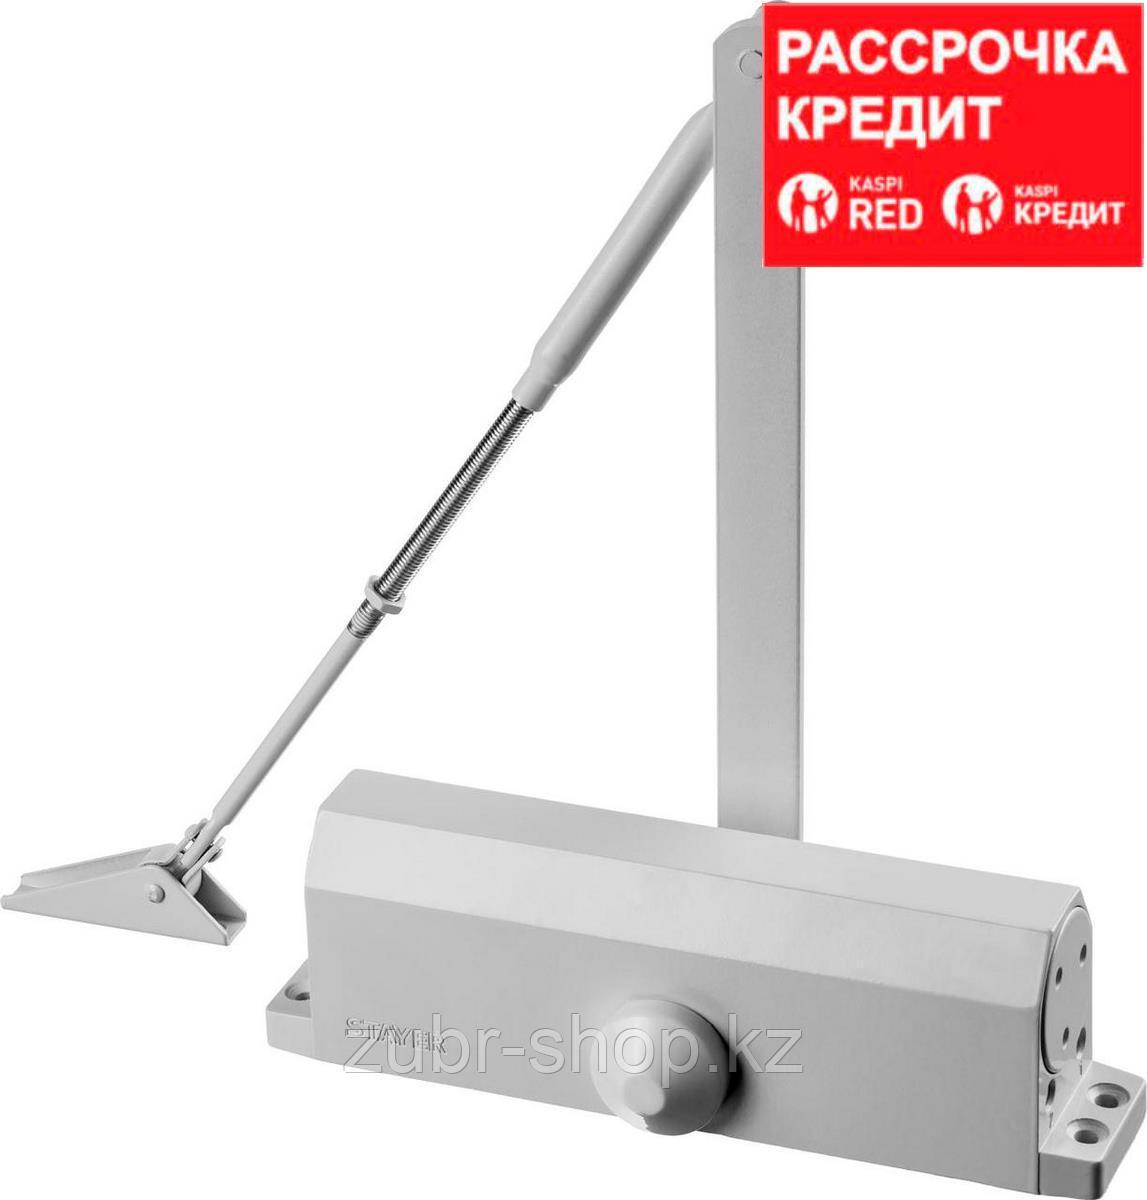 Доводчик дверной STAYER, для дверей массой до 100 кг, цвет белый (37916-100)